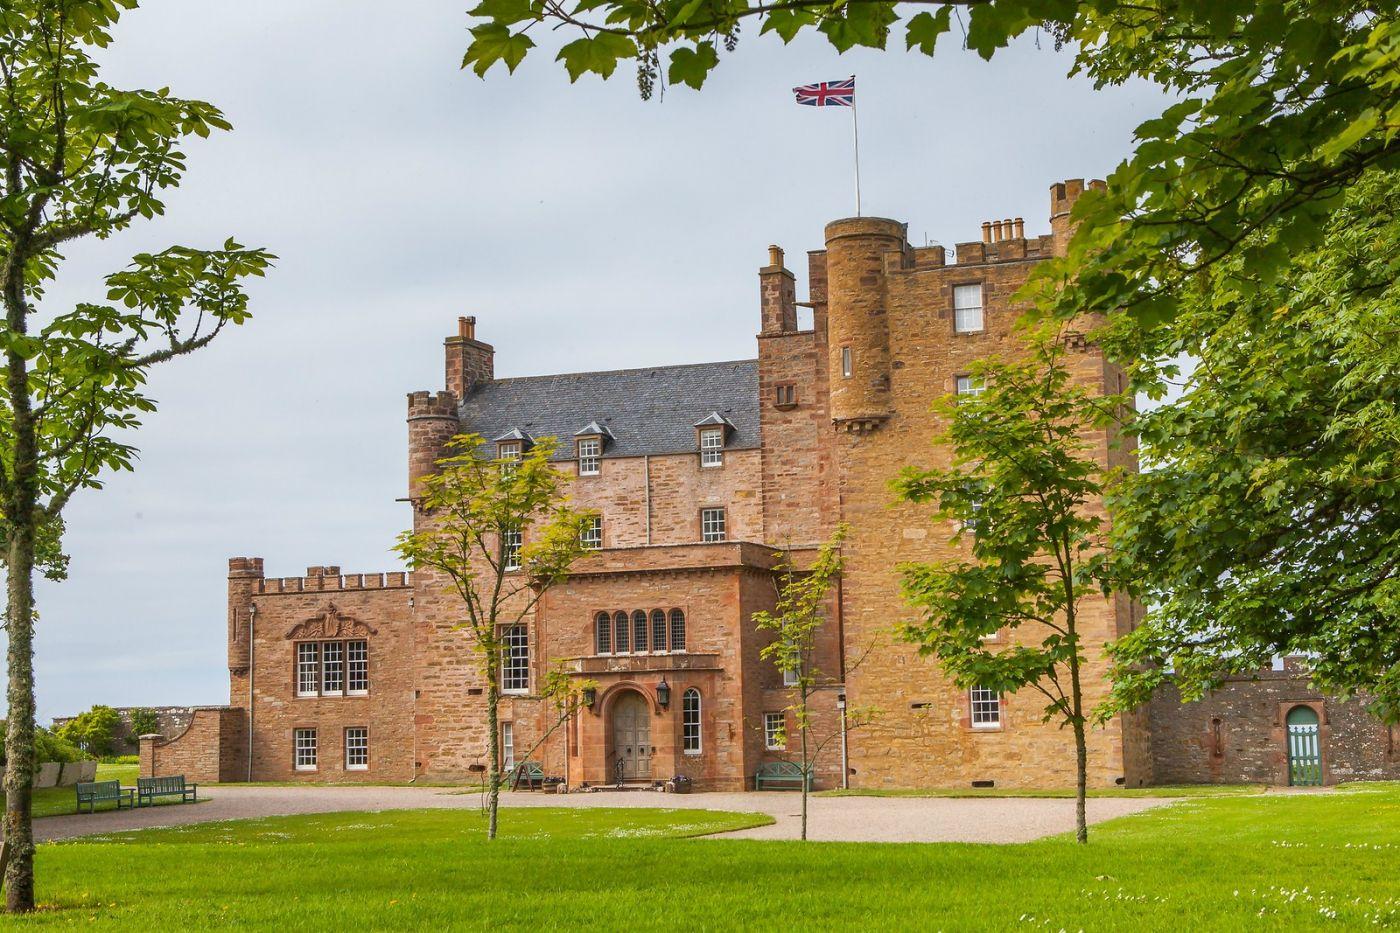 苏格兰梅城堡(Castle of Mey),五百年历史_图1-1